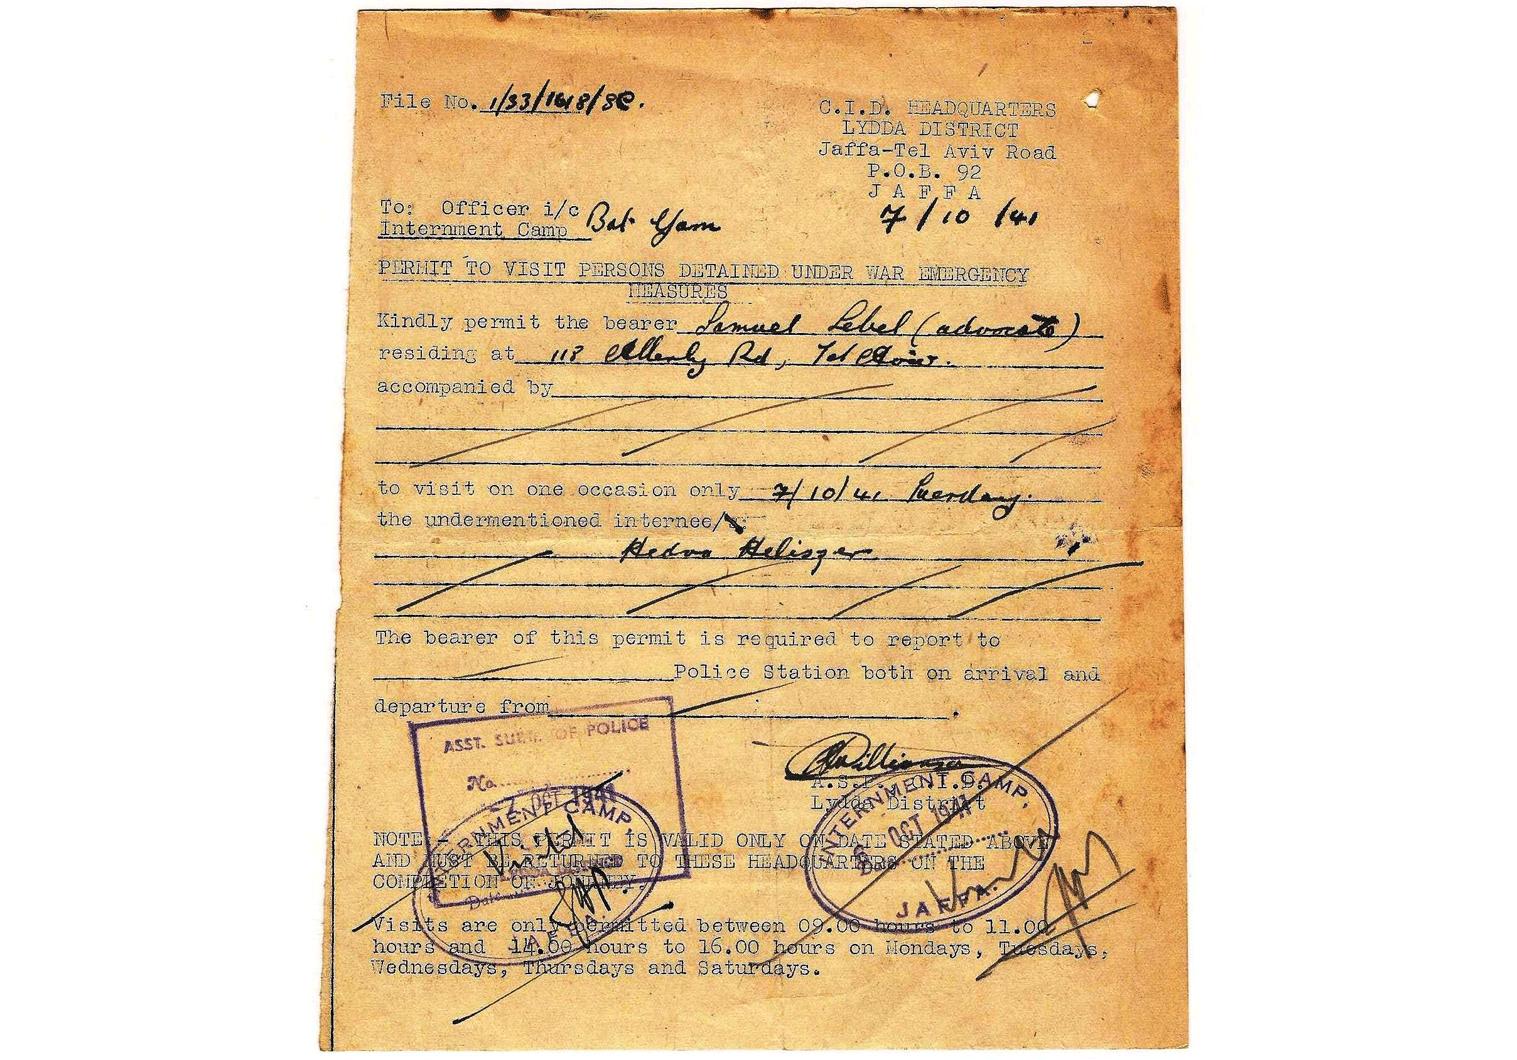 WW2 civilian internment camp